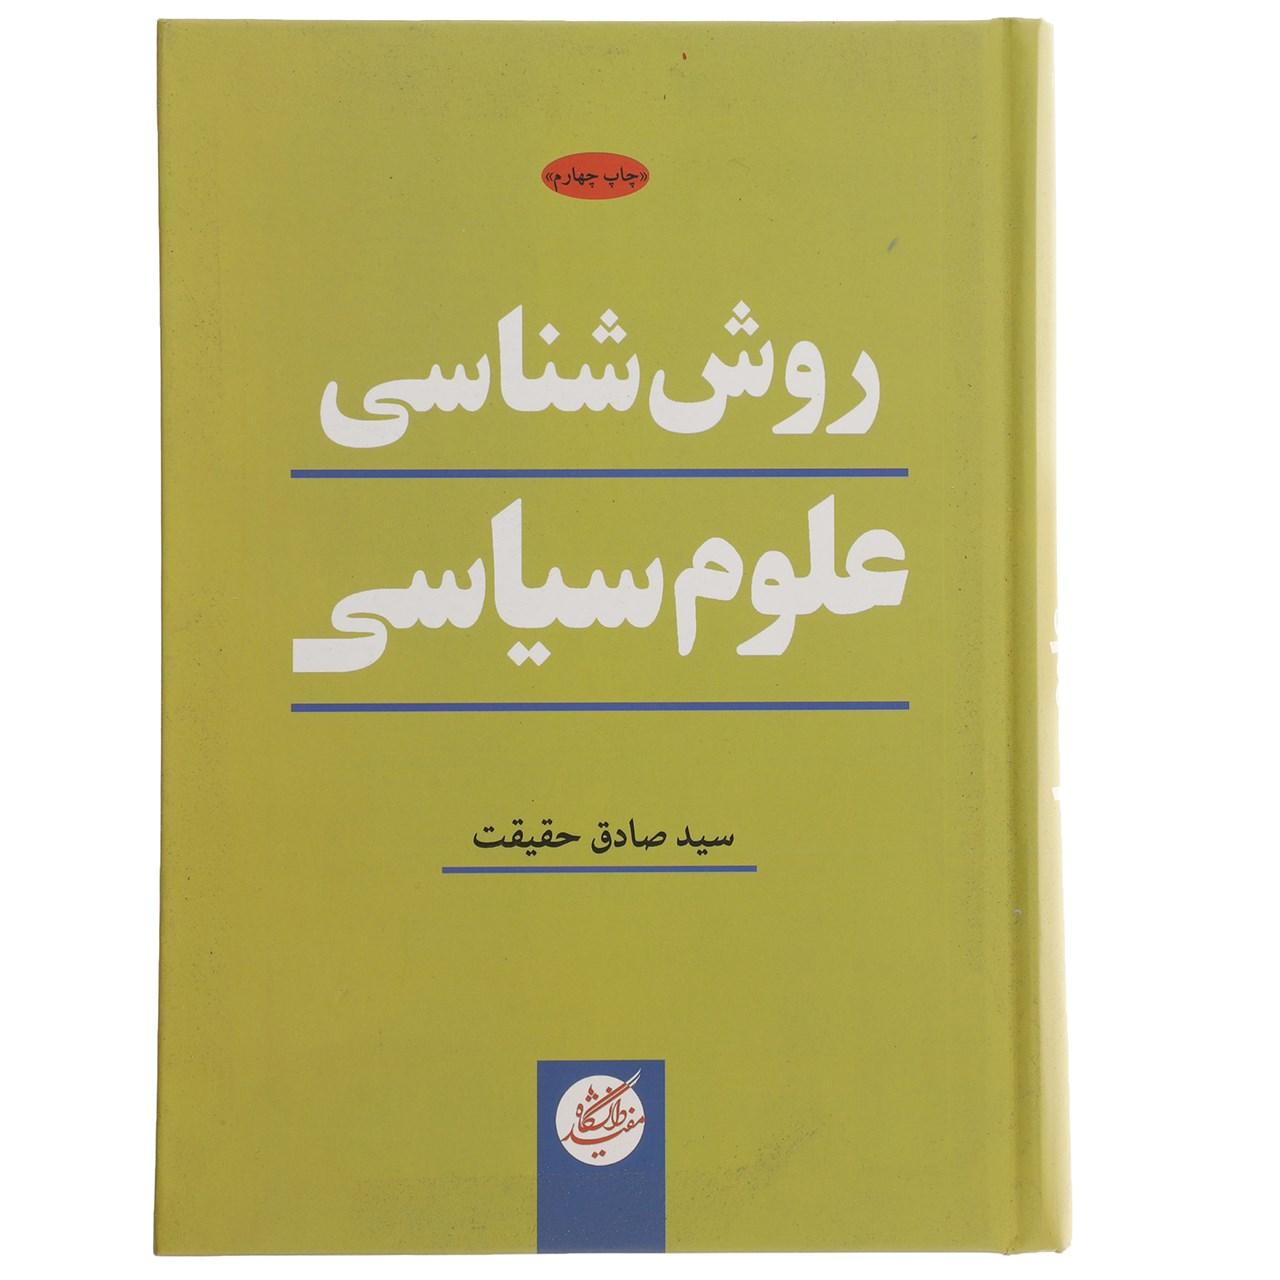 کتاب روش شناسی علوم سیاسی اثر صادق حقیقت